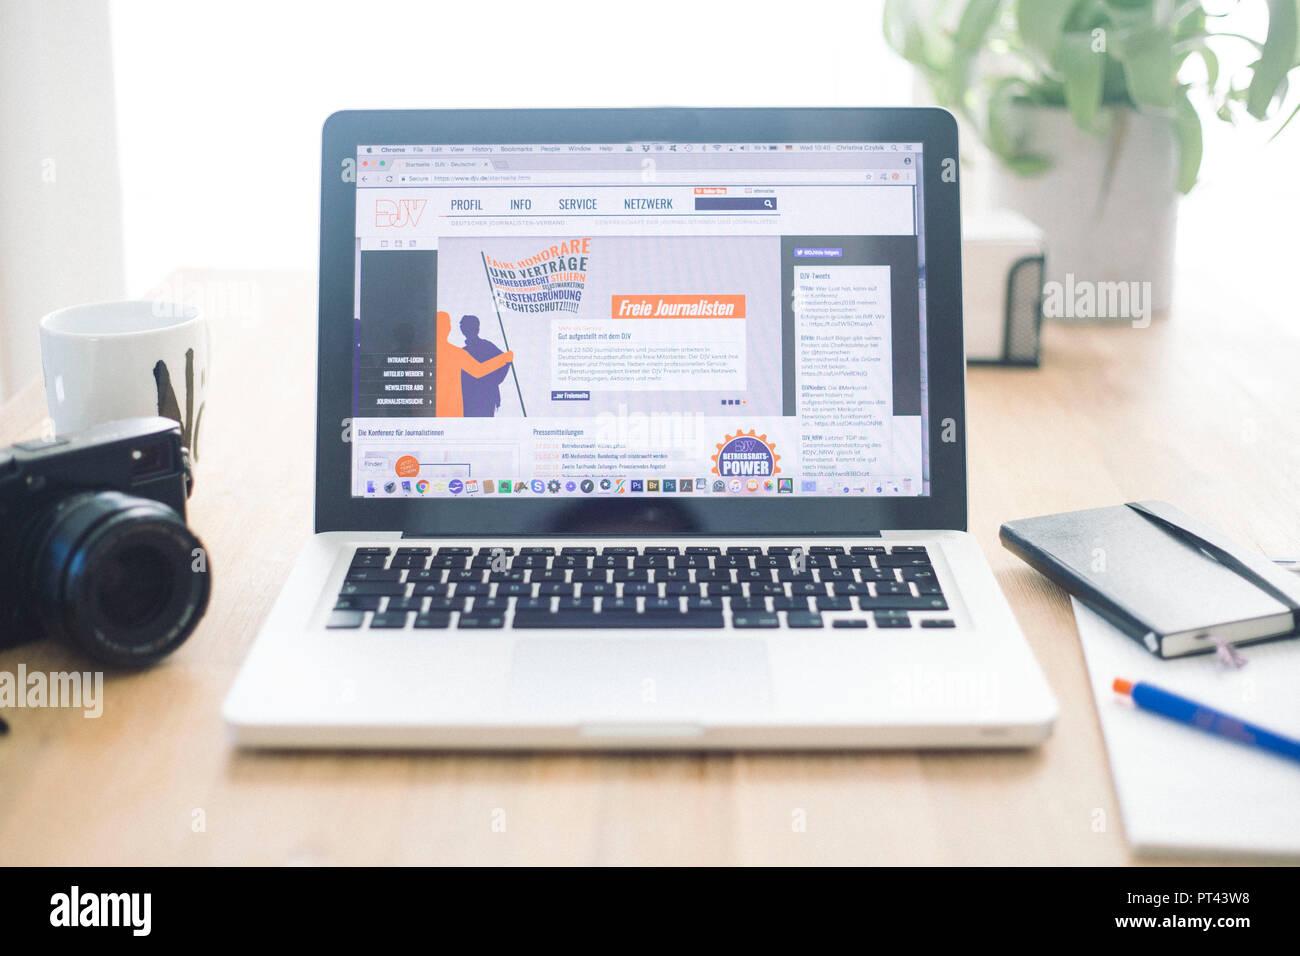 DJV foto simbólica, presione la tarjeta y solicitud de afiliación Imagen De Stock